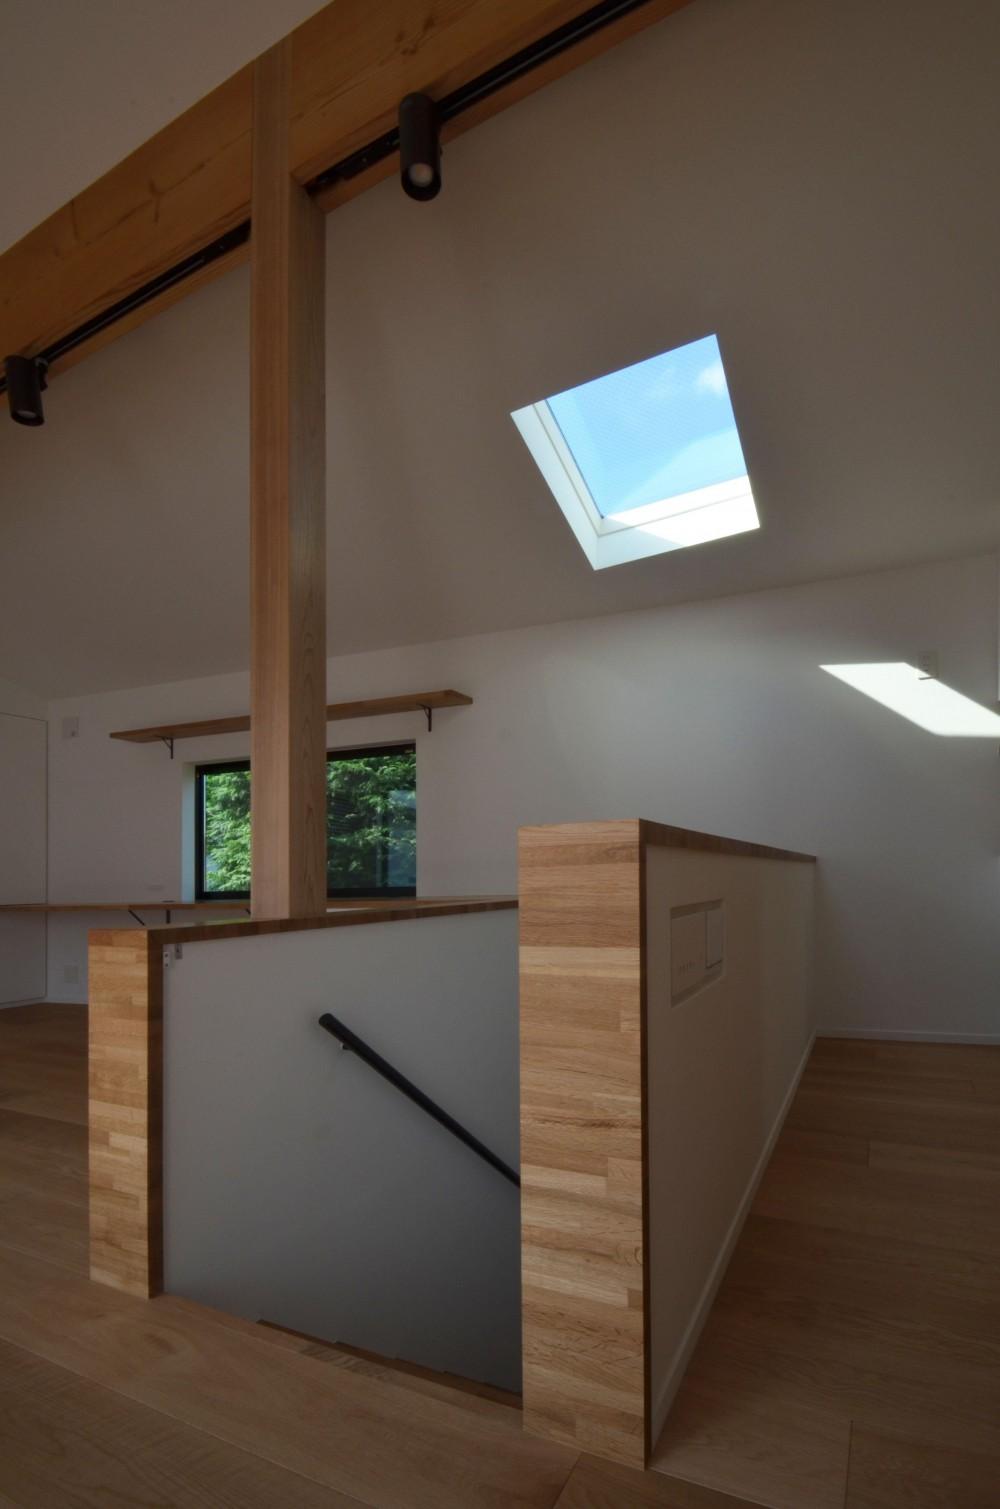 遠藤誠「桃井M邸-中庭を中心としたコの字配置の立体コートハウス-」